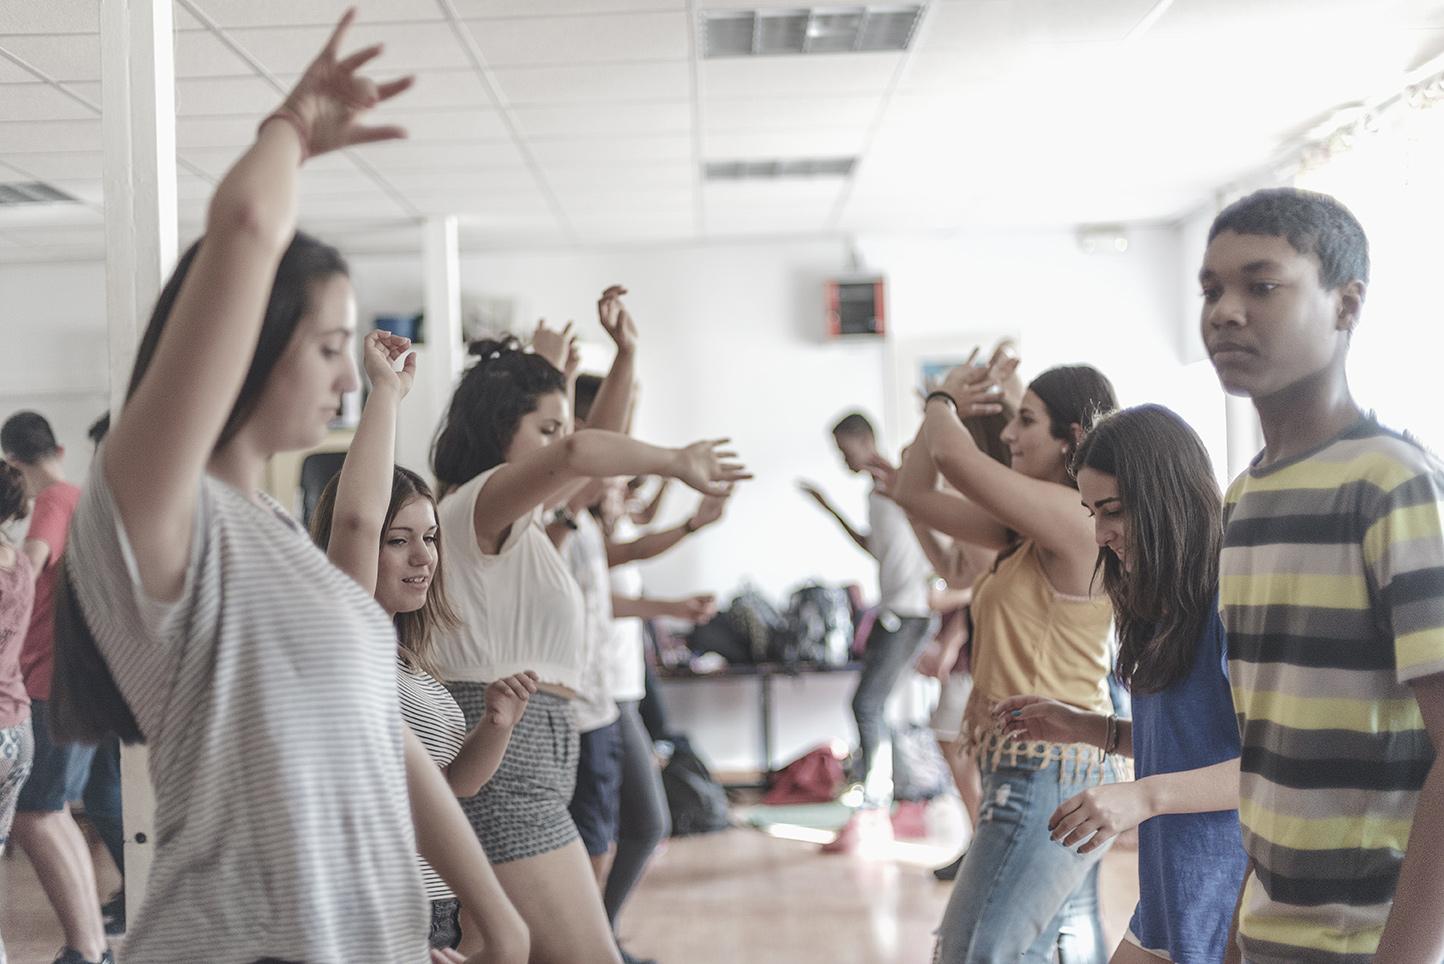 Colegio Aljarafe alumnos en clase de danza